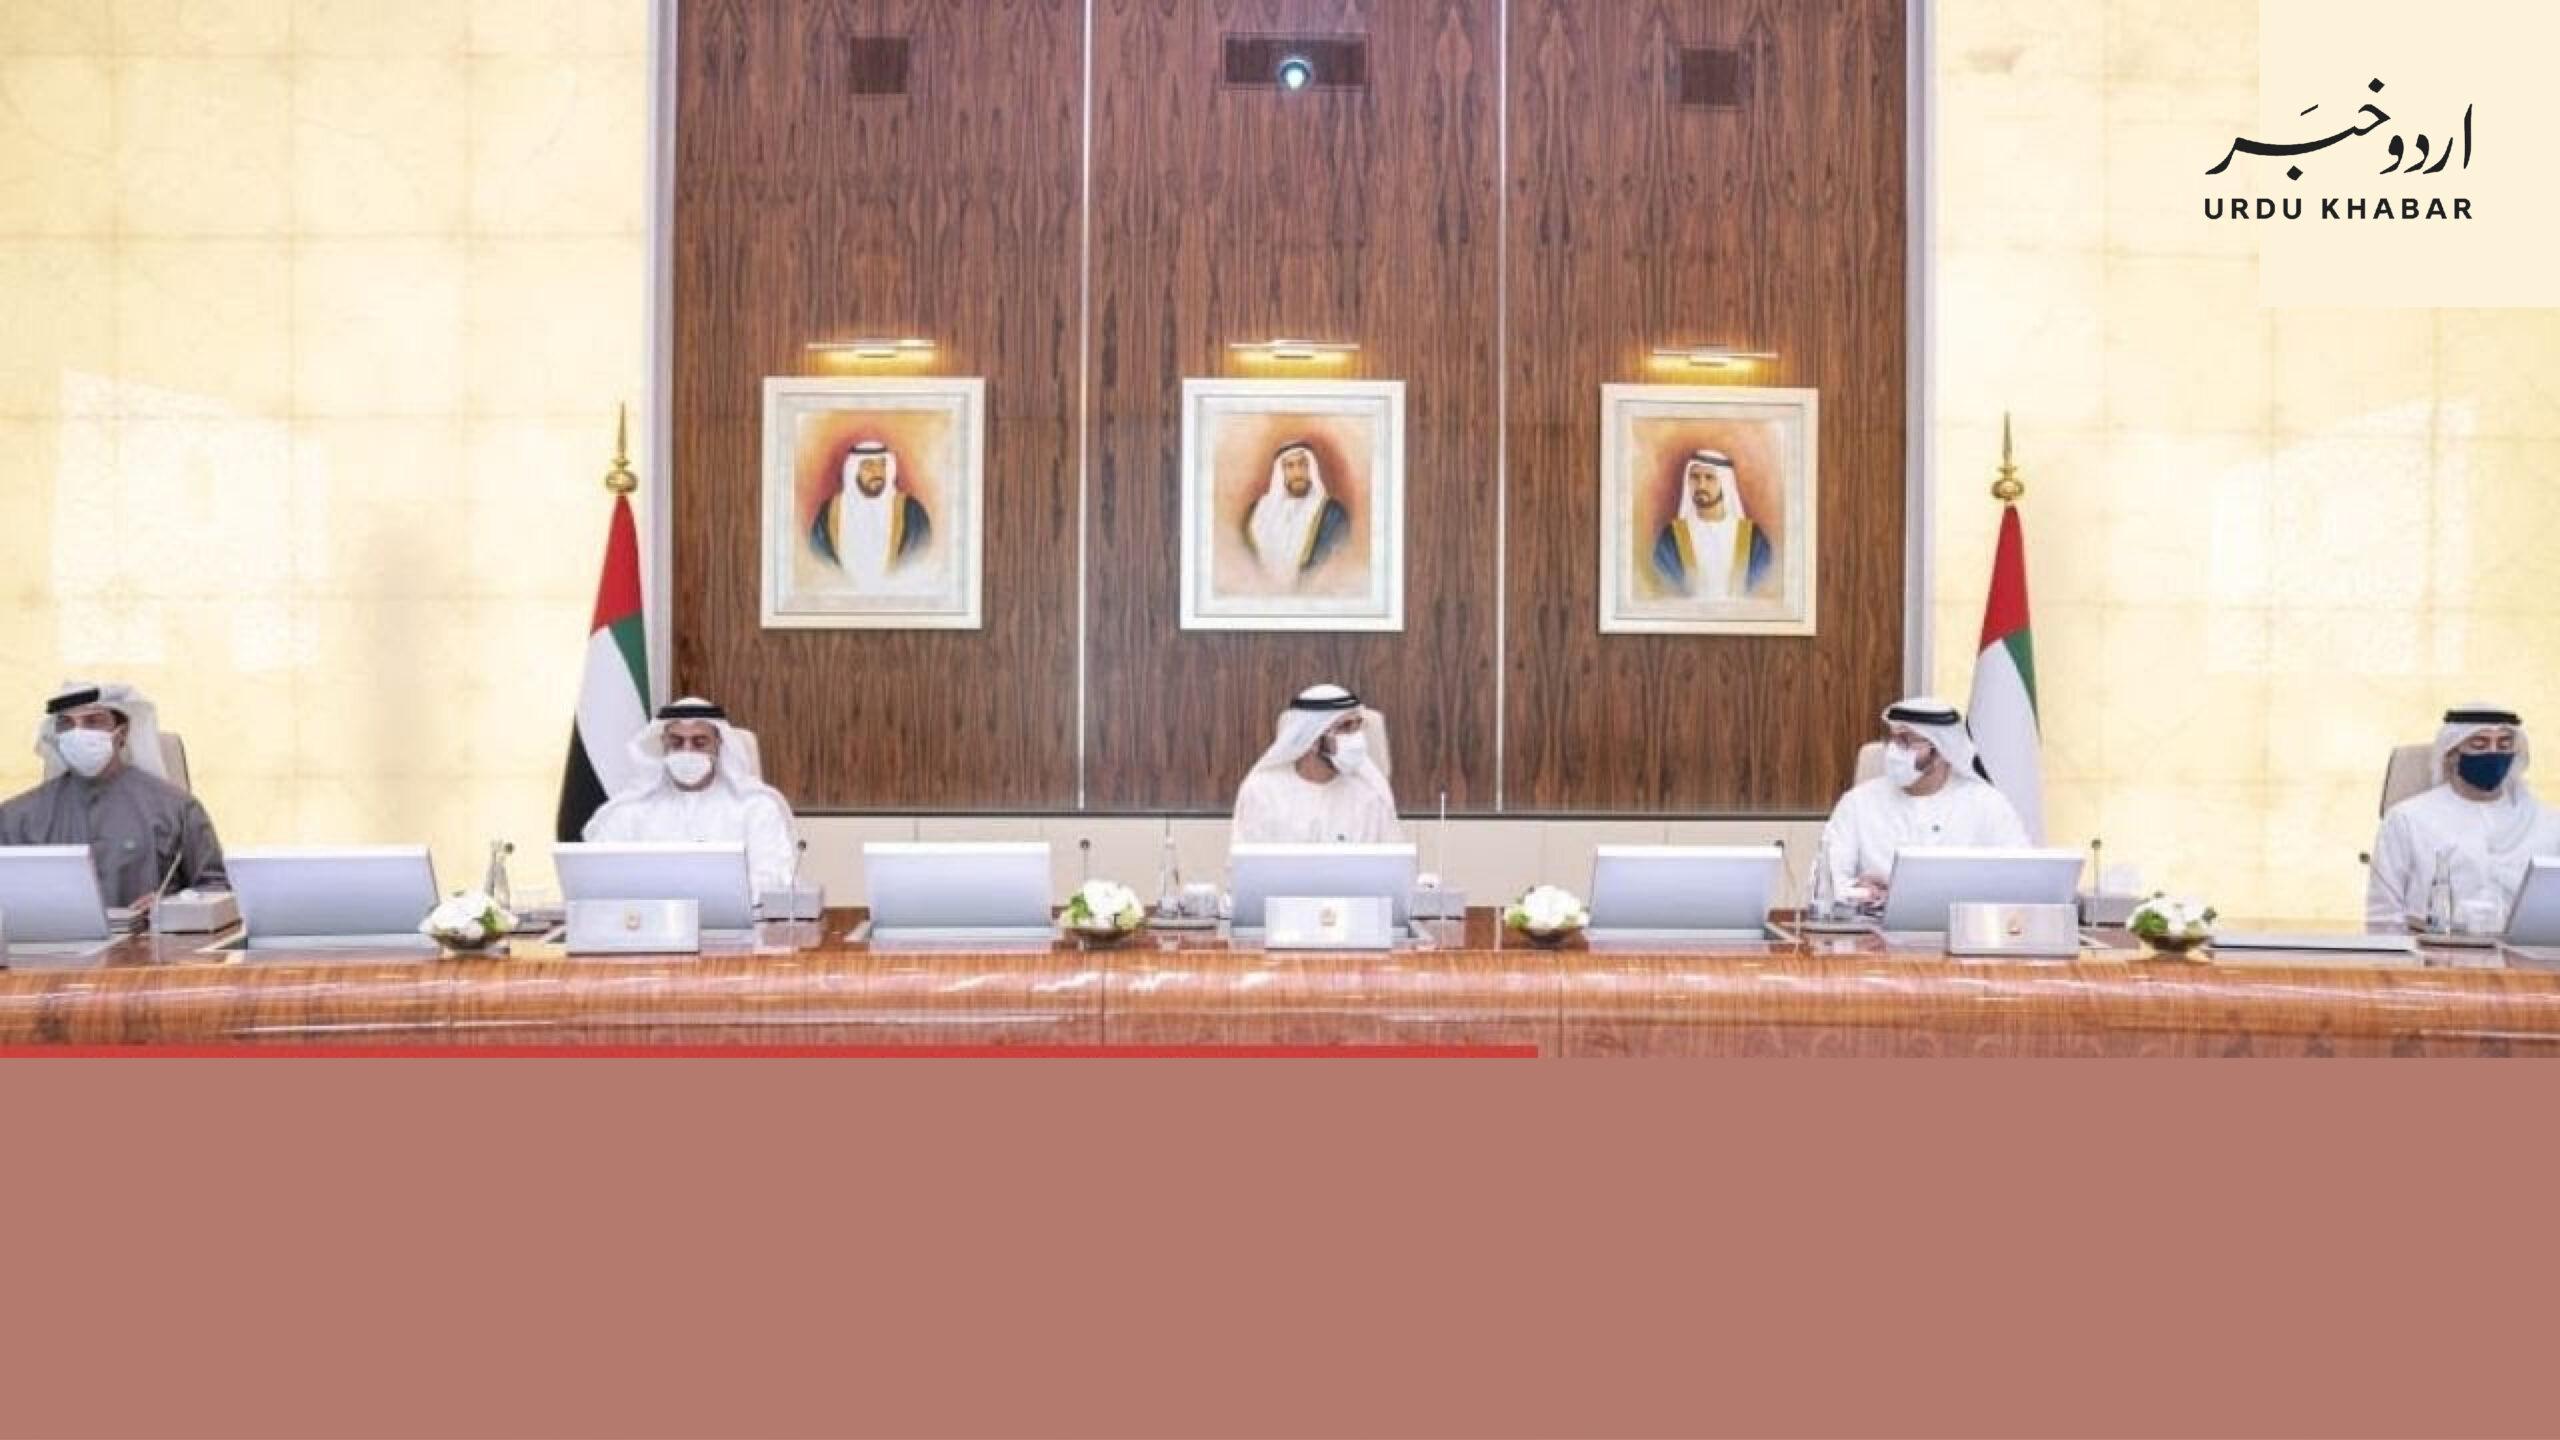 متحدہ عرب امارات نے ریموٹ ورک ویزا اور ملٹی انٹری ٹورسٹ ویزا متعارف کروا دیا